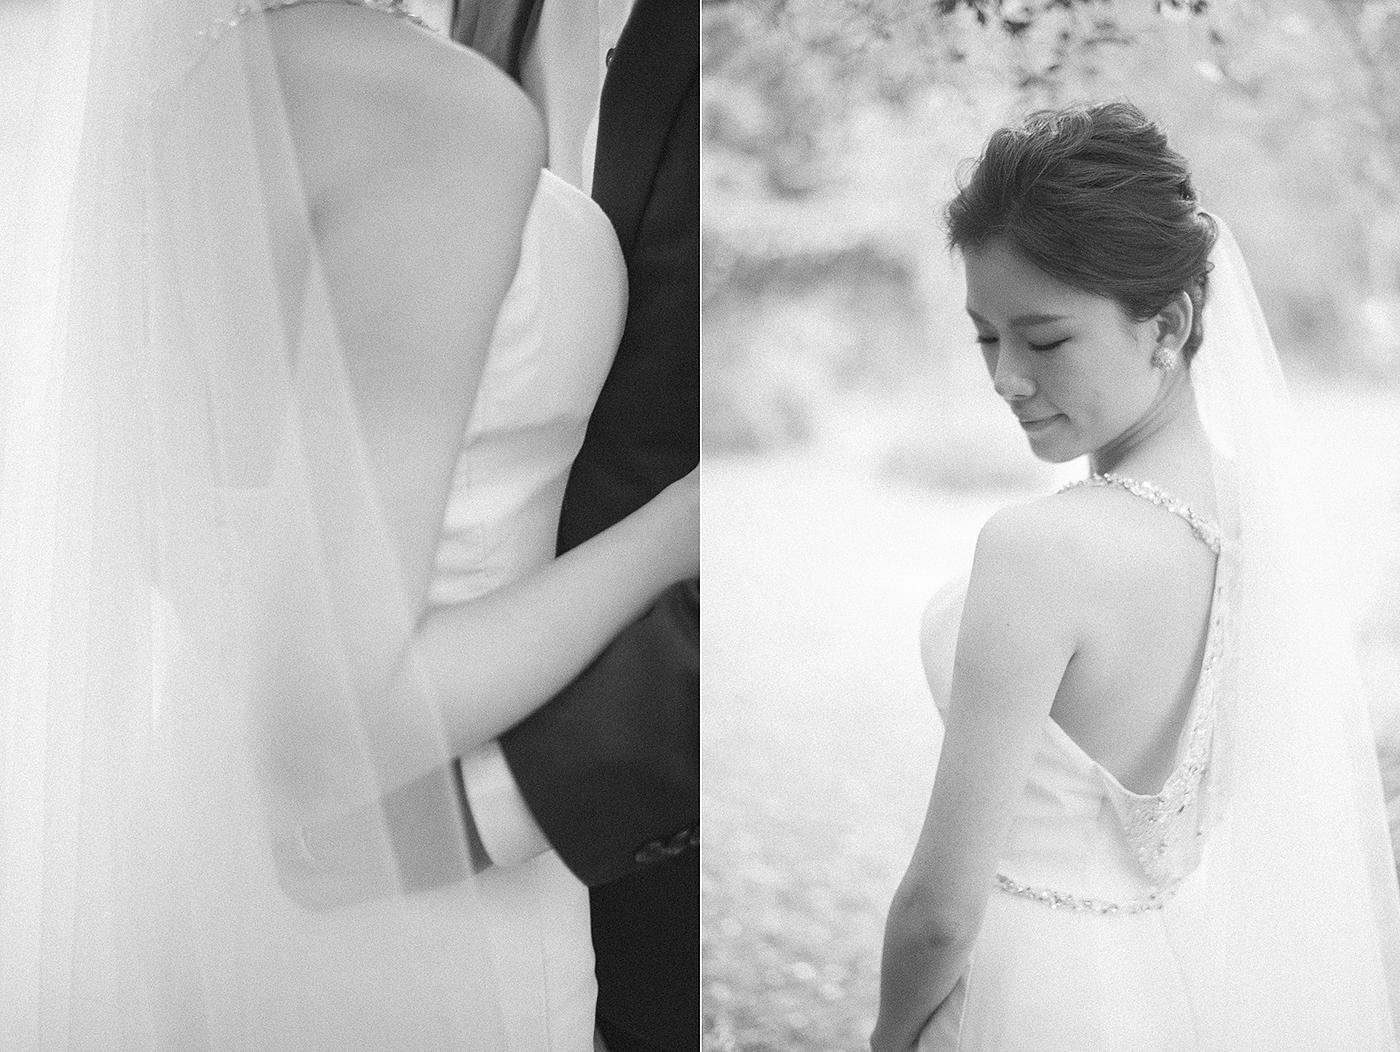 nickchang_realwedding_fineart-38